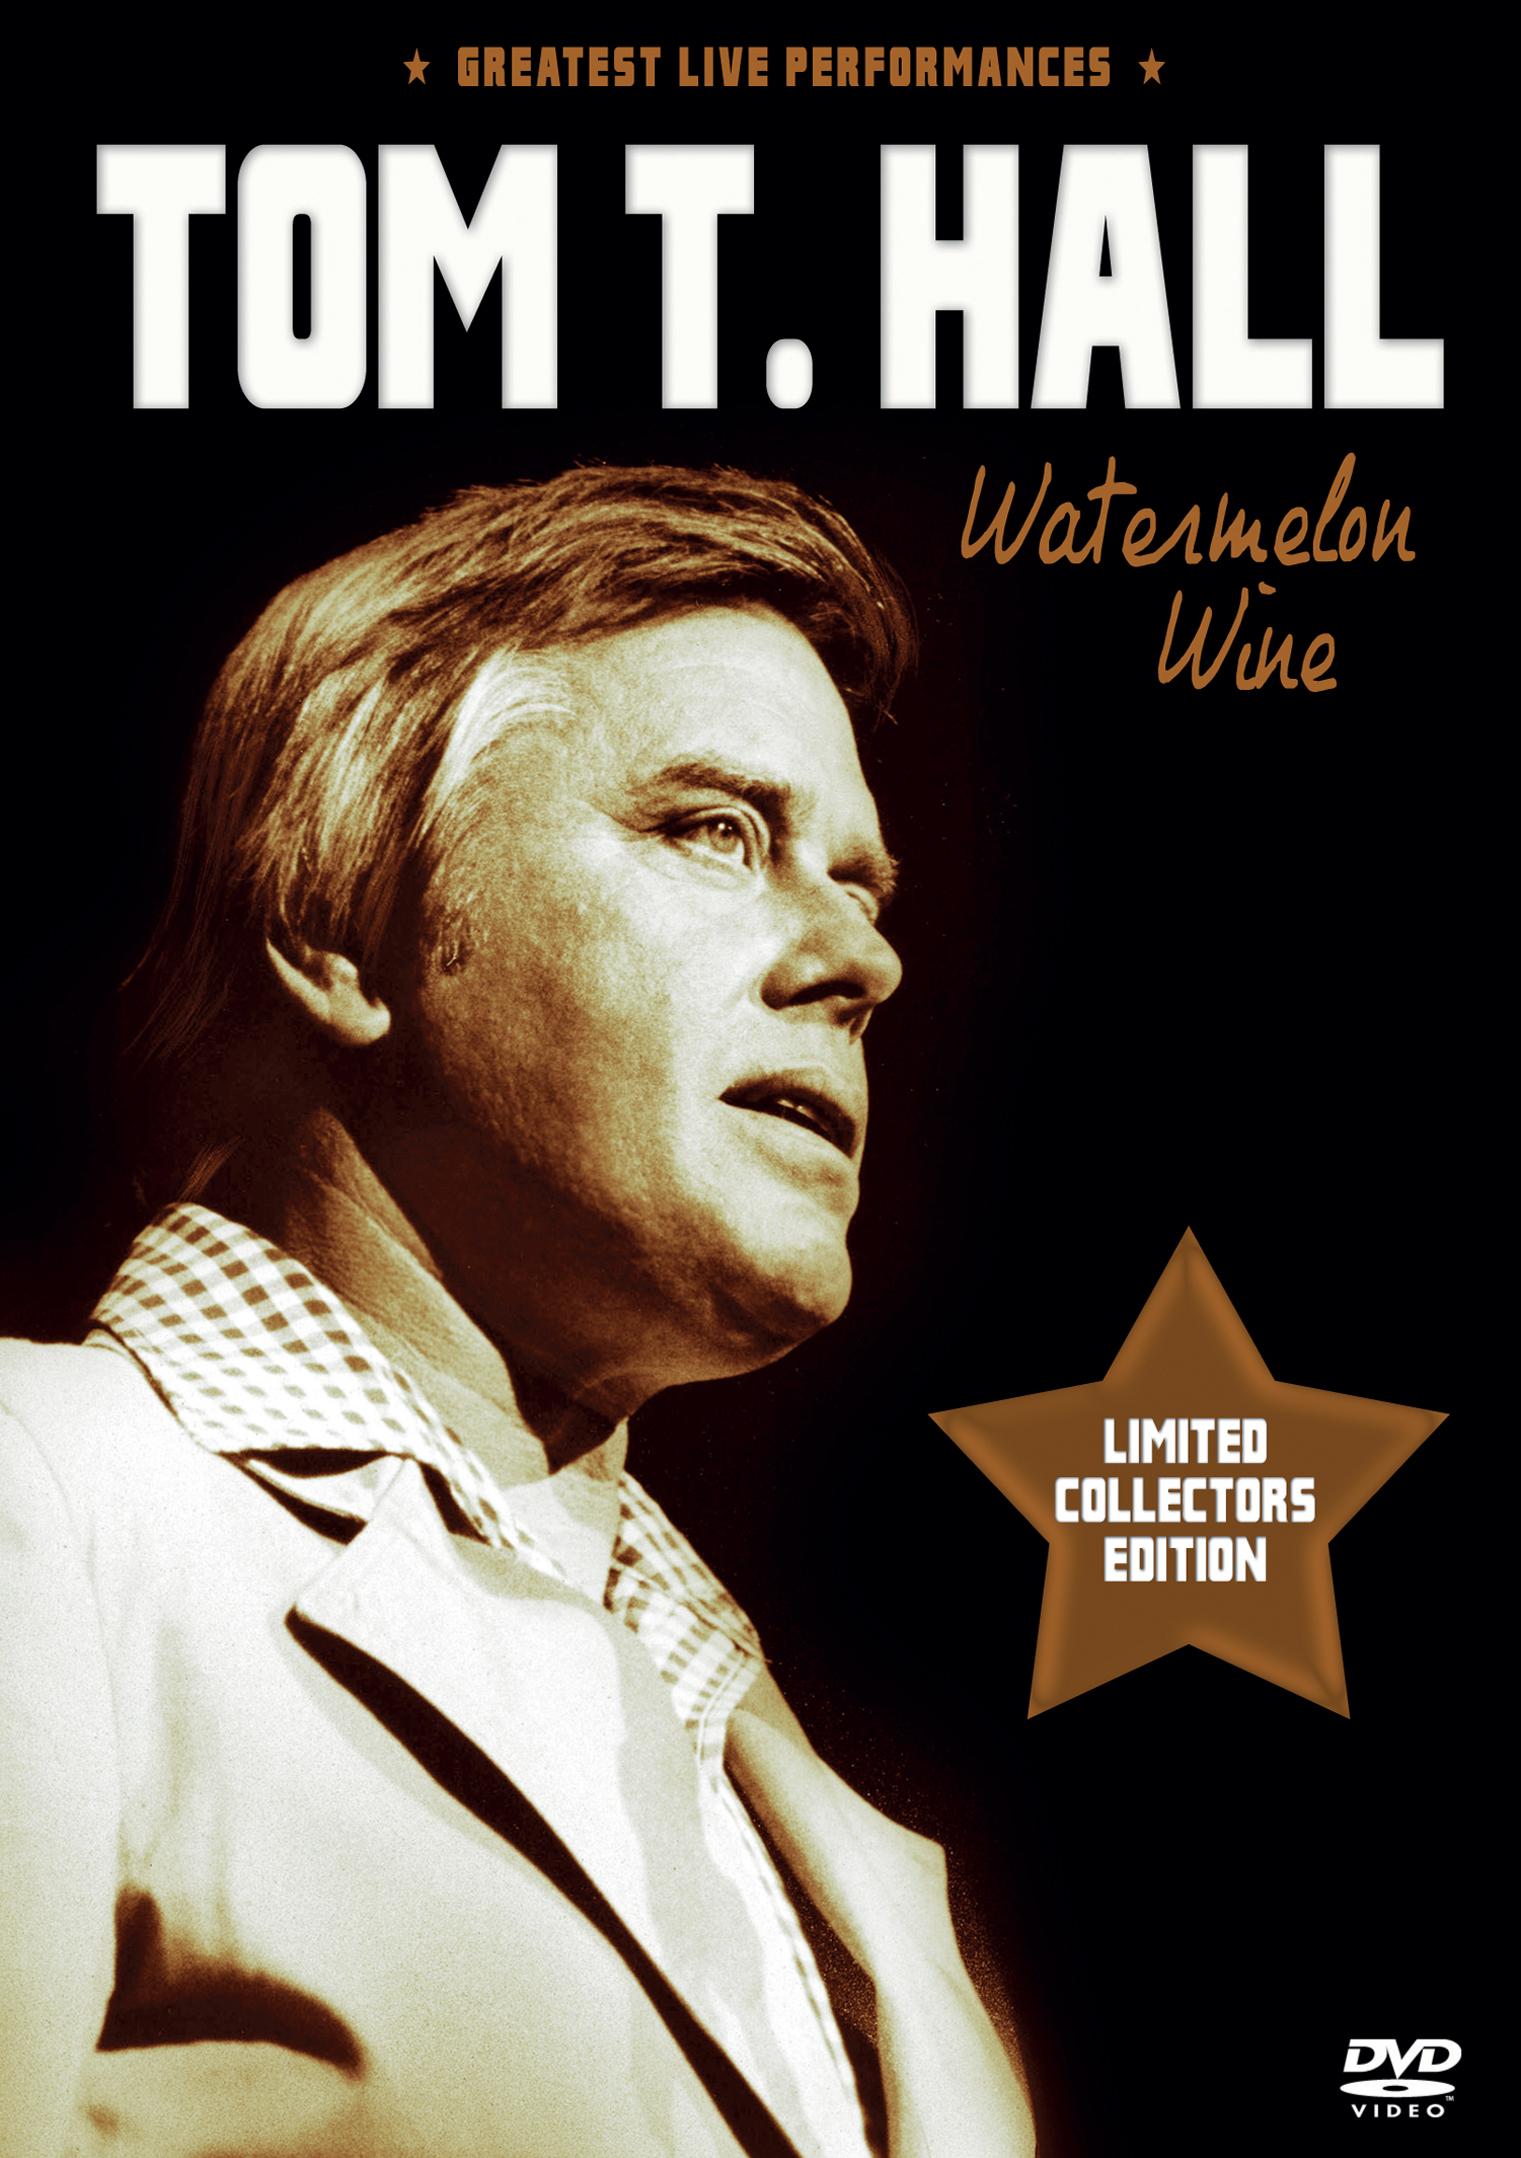 Tom T. Hall: Watermelon Wine